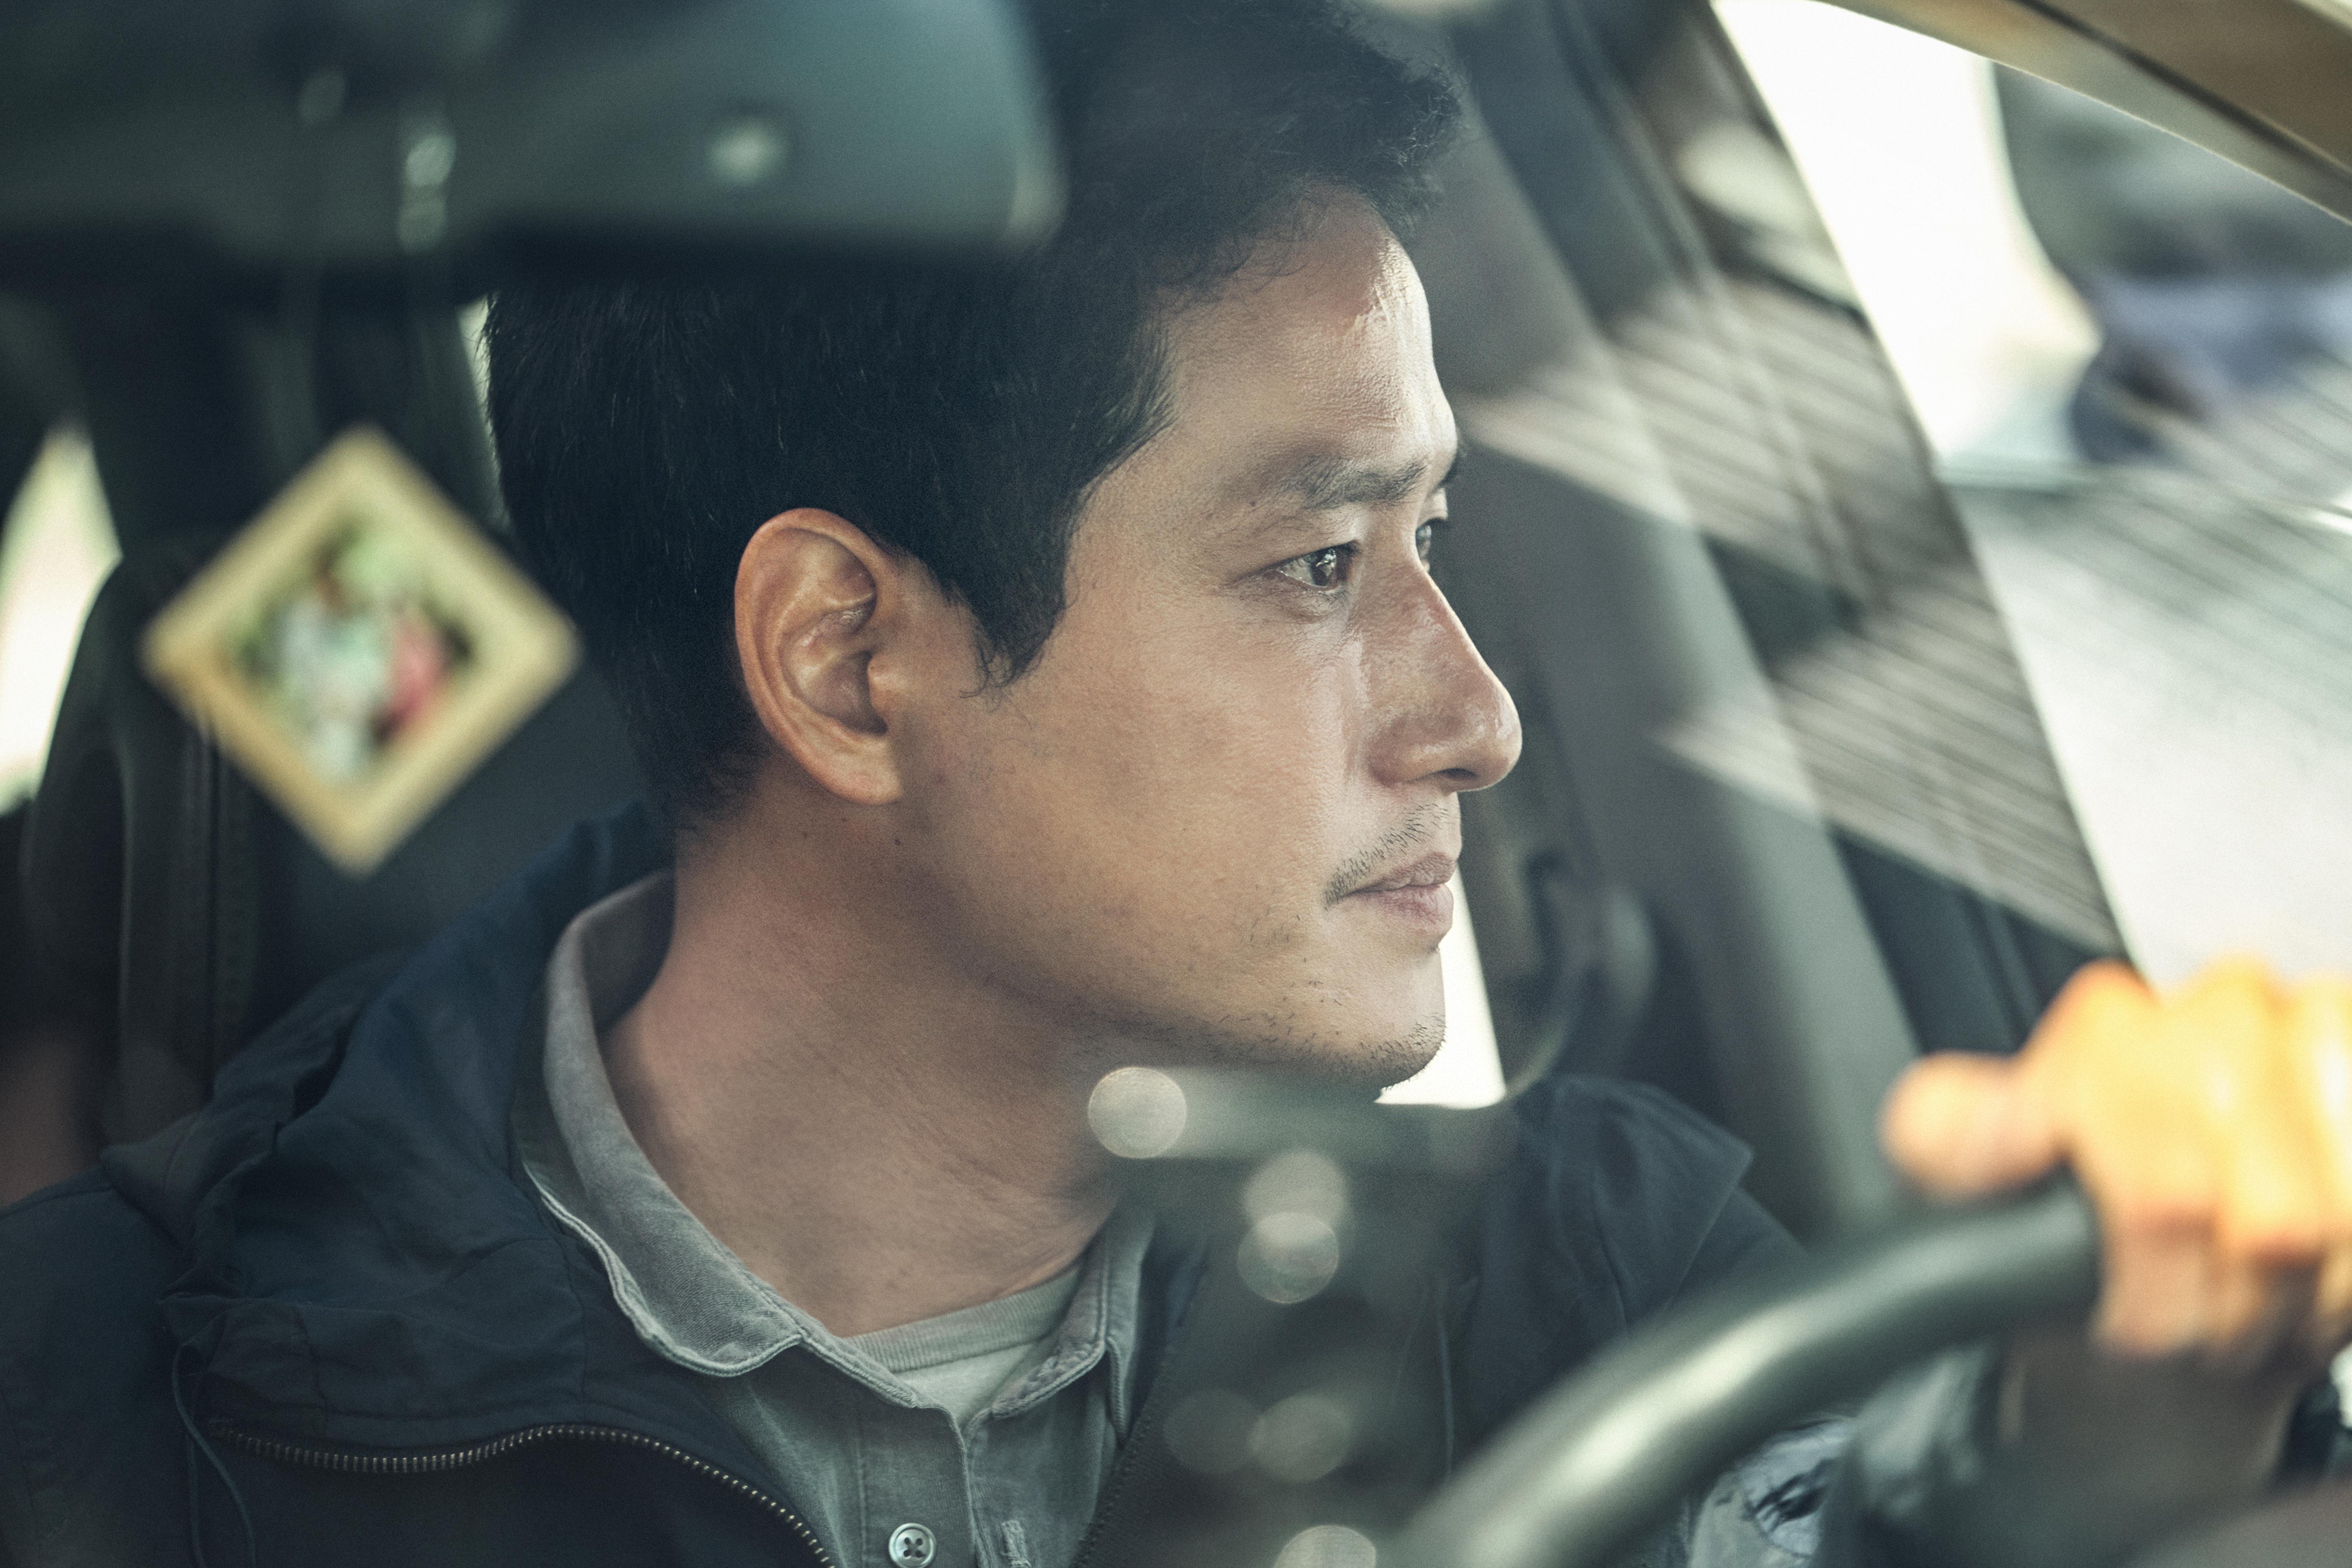 朴解浚飾演李英愛的丈夫,於尋找兒子期間遭到作弄,間接令他喪命。